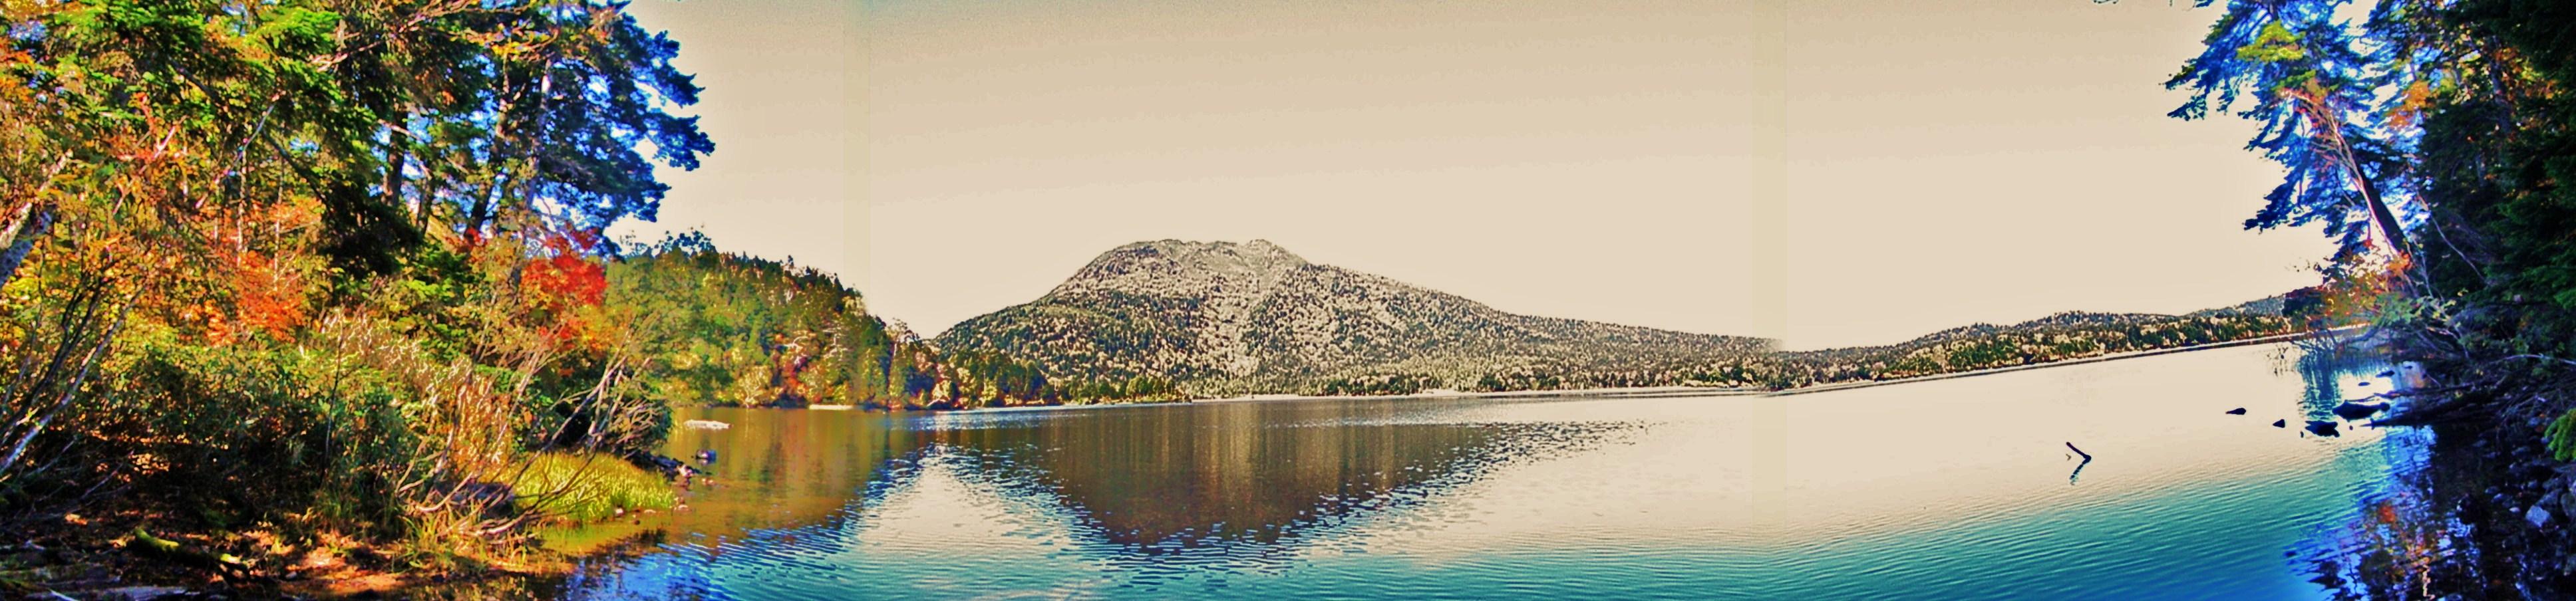 oze lake